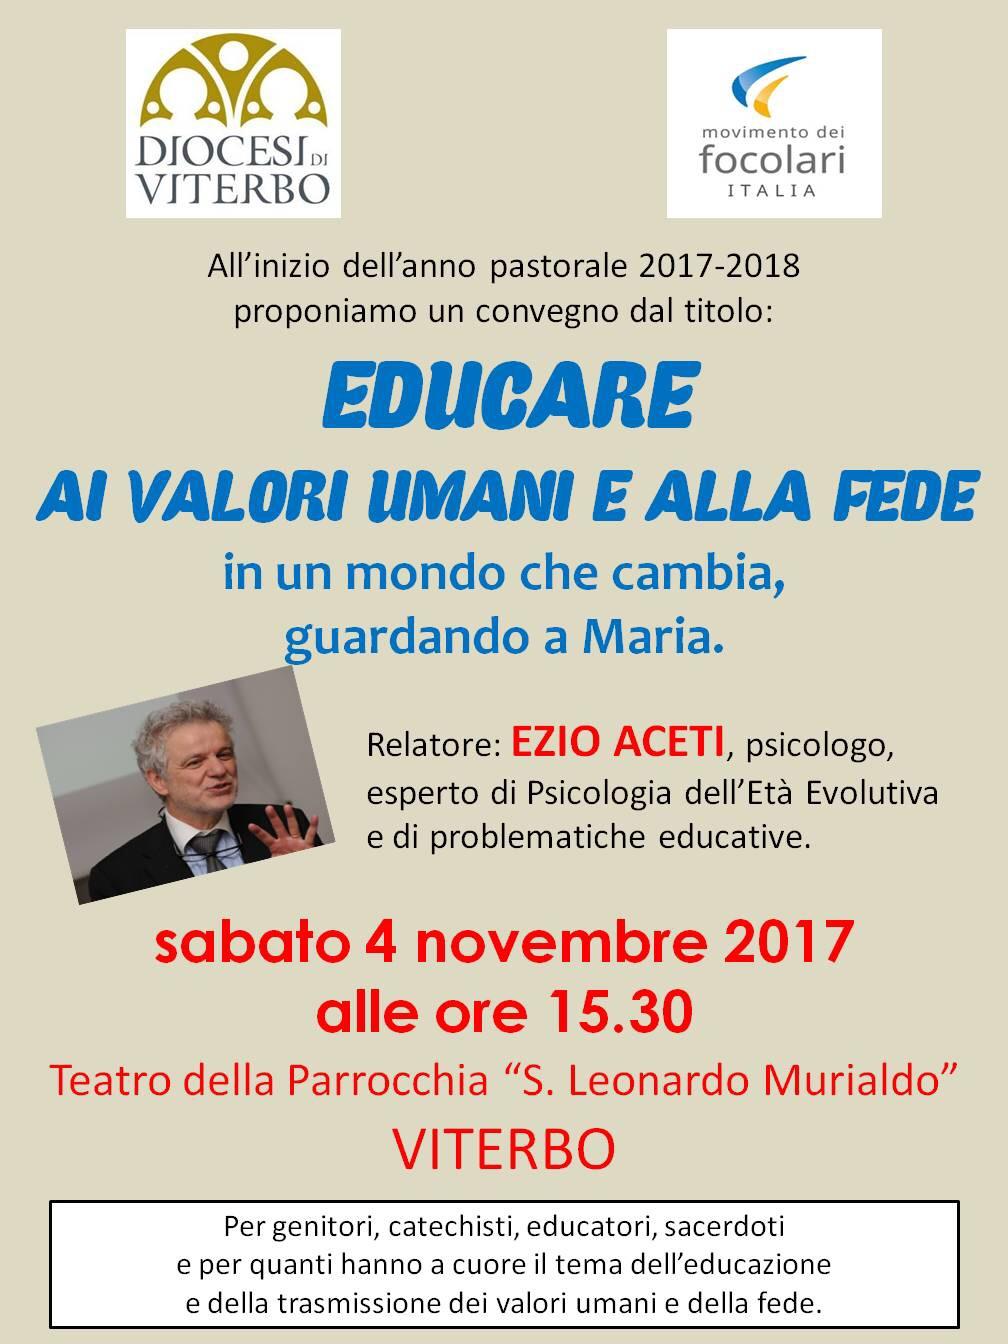 Movimento dei Focolari e Diocesi di Viterbo: Educare ai valori umani e alla Fede  – 4 novembre2017